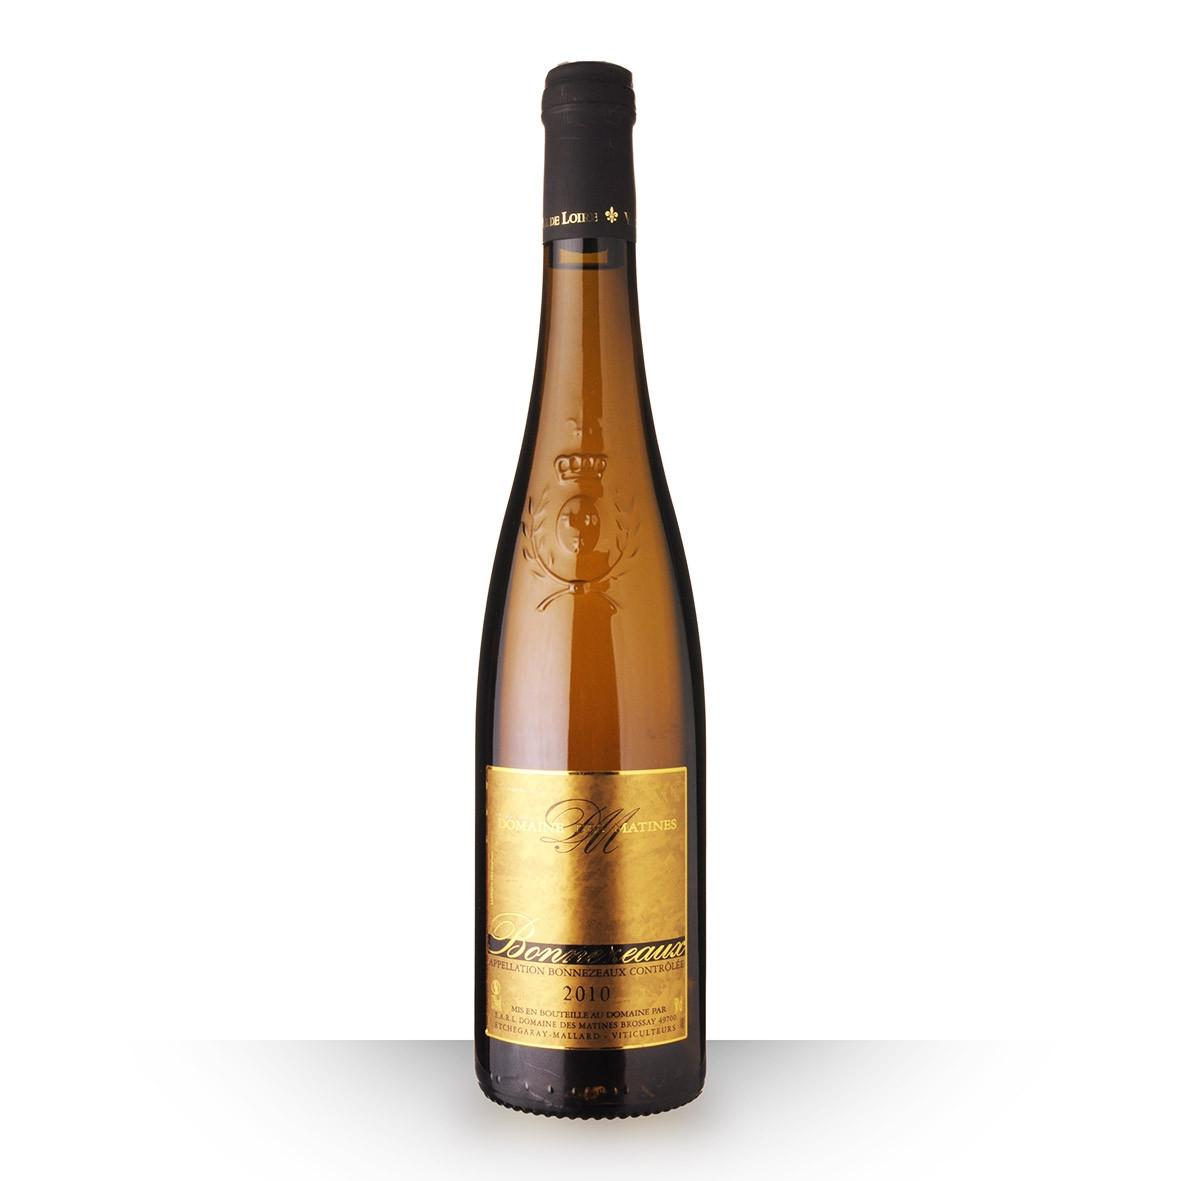 Domaine des Matines Bonnezeaux Blanc 2010 50cl www.odyssee-vins.com